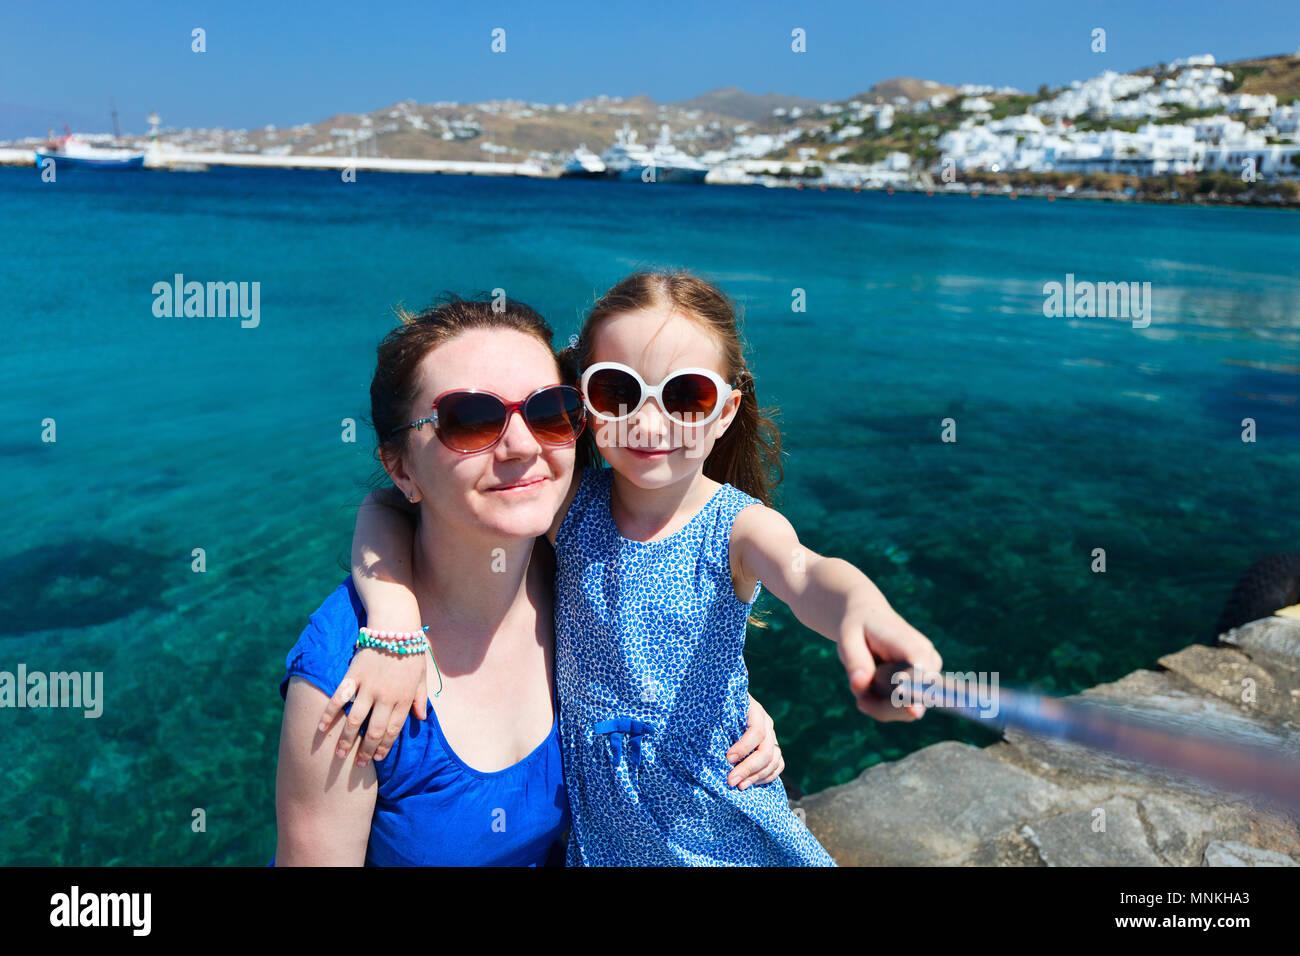 La famiglia felice la madre ed i suoi adorabili poco figlia in vacanza prendendo selfie con un bastone sull'isola di Mykonos, Grecia Immagini Stock